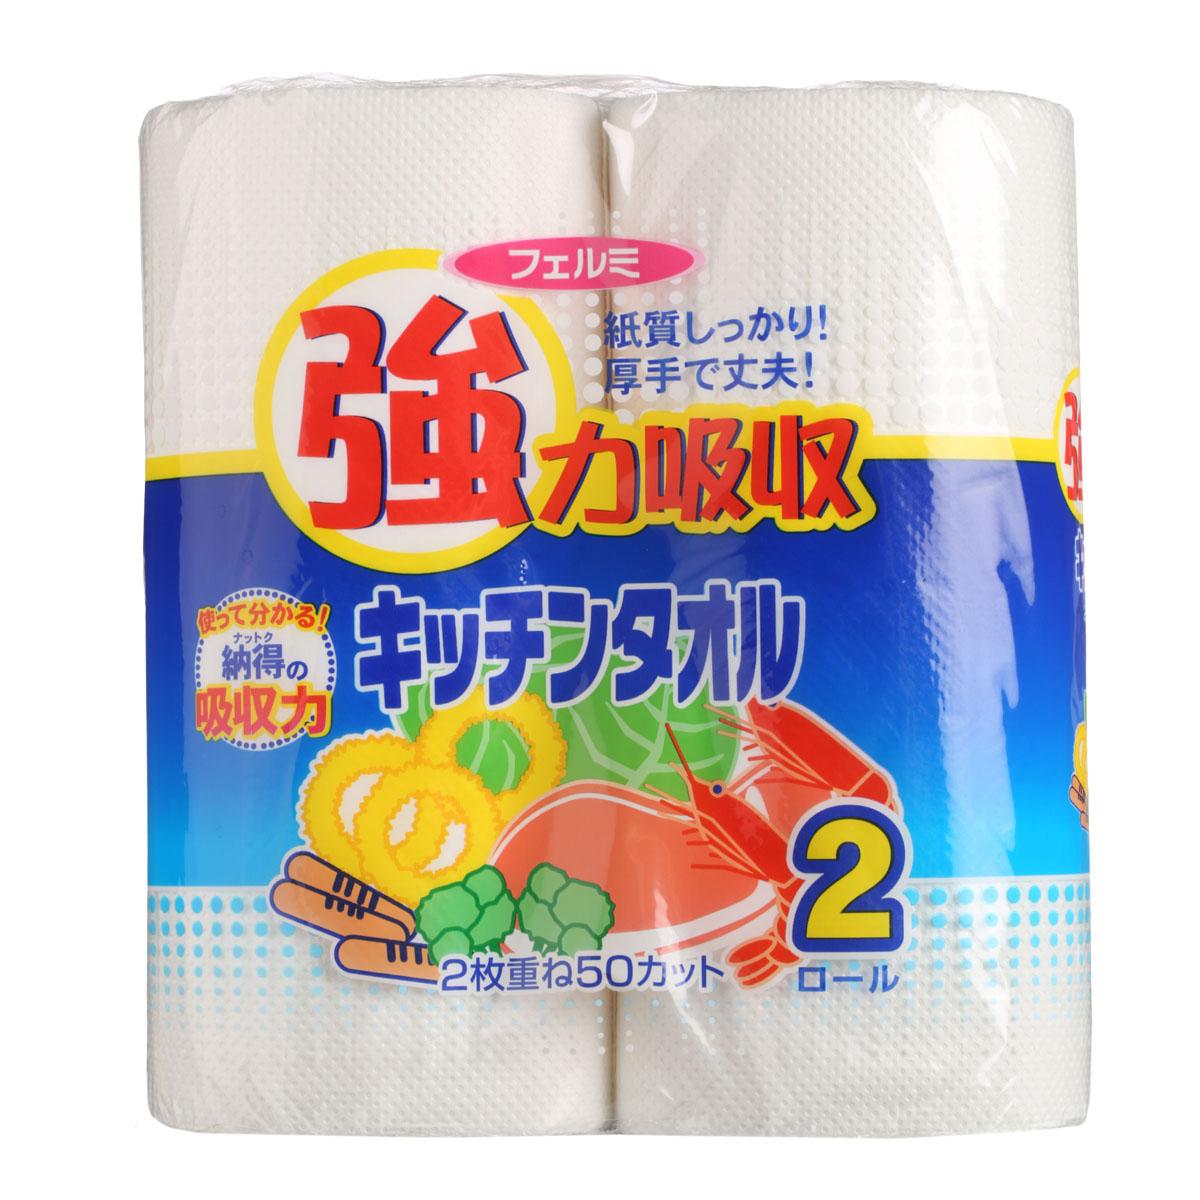 Бумажные полотенца для кухни IDESHIGYO DUE, 2-х слойные, 2 шт60450Бумажные полотенца для кухни IDE отличаются повышенной впитываемостью. Это обеспечивается 2 – х слойной толщиной материала. Мягкие, очень приятные на ощупь, но в то же время достаточно прочные и не рвутся при намокании. Кухонные бумажные полотенца изготовлены из природных материалов и воды из источников Фудзи. Бумажные полотенца всегда найдут себе применение: они прекрасно удаляют с поверхностей разлитые жидкости, впитывают влагу и жир, используются для протирания столов, стёкол и окон, плит, кухонной мебели. Состав: натуральная 100% целлюлоза. Срок годности не ограничен.